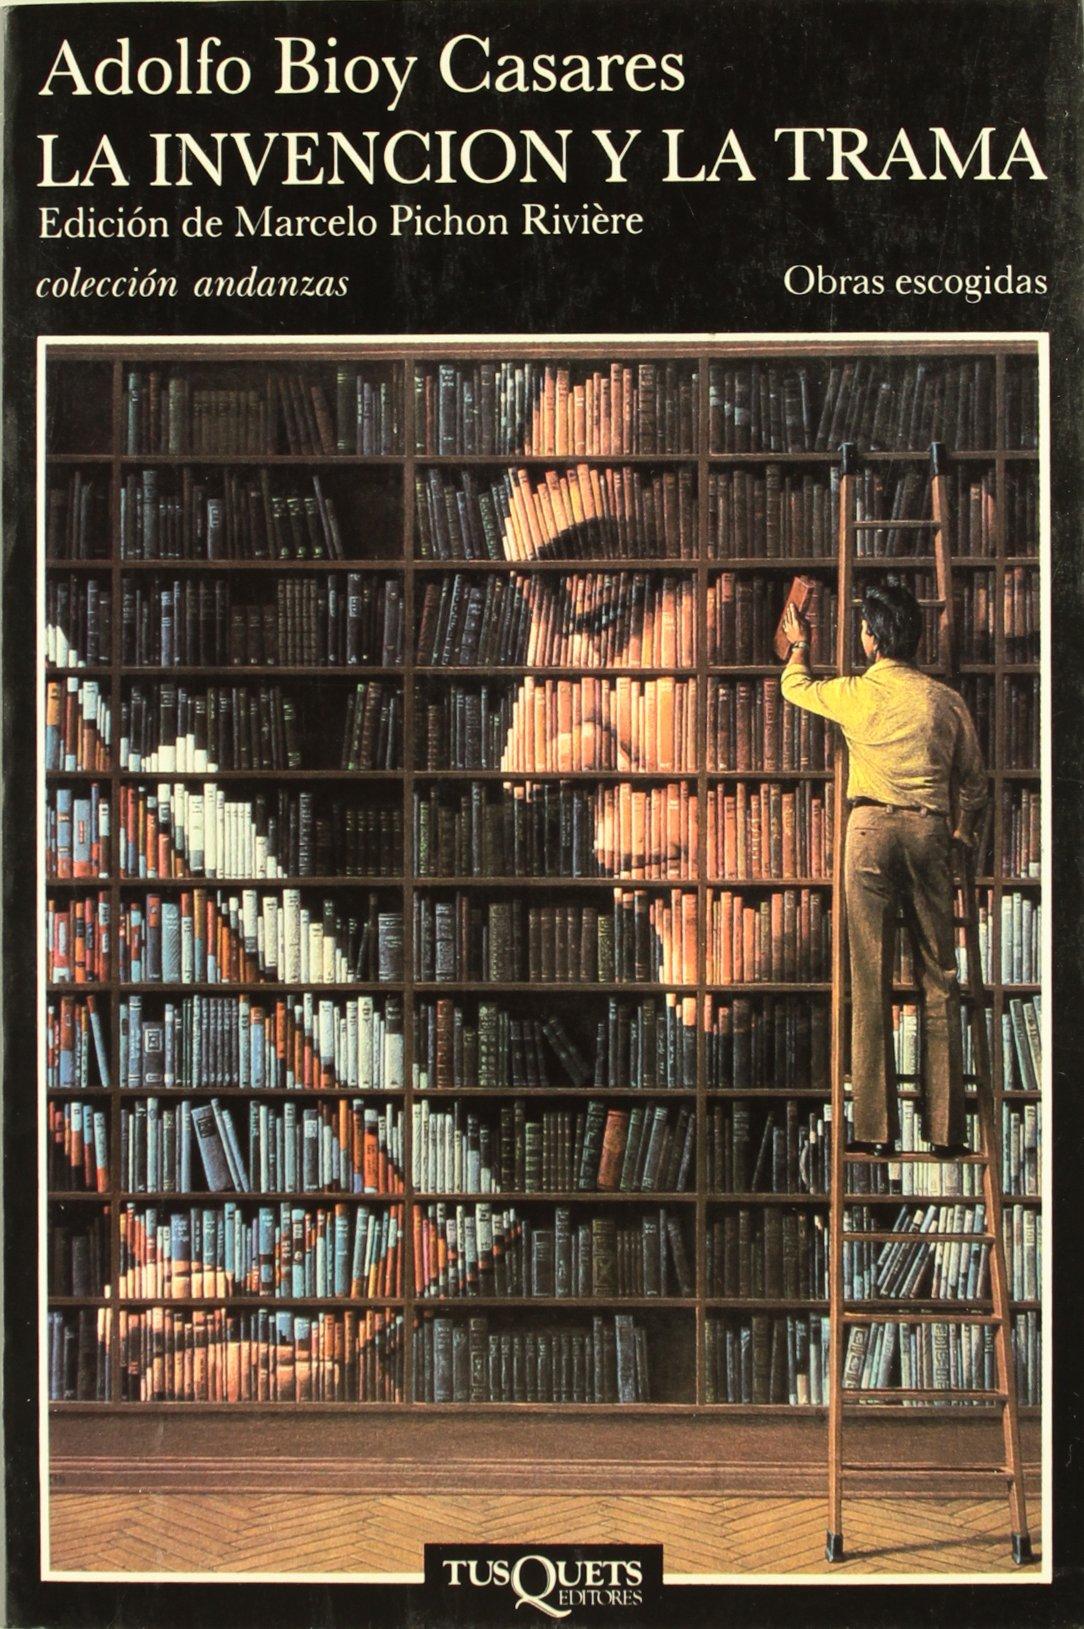 La invención y la trama: Obras escogidas: 11 Andanzas: Amazon.es: Bioy Casares, Adolfo: Libros